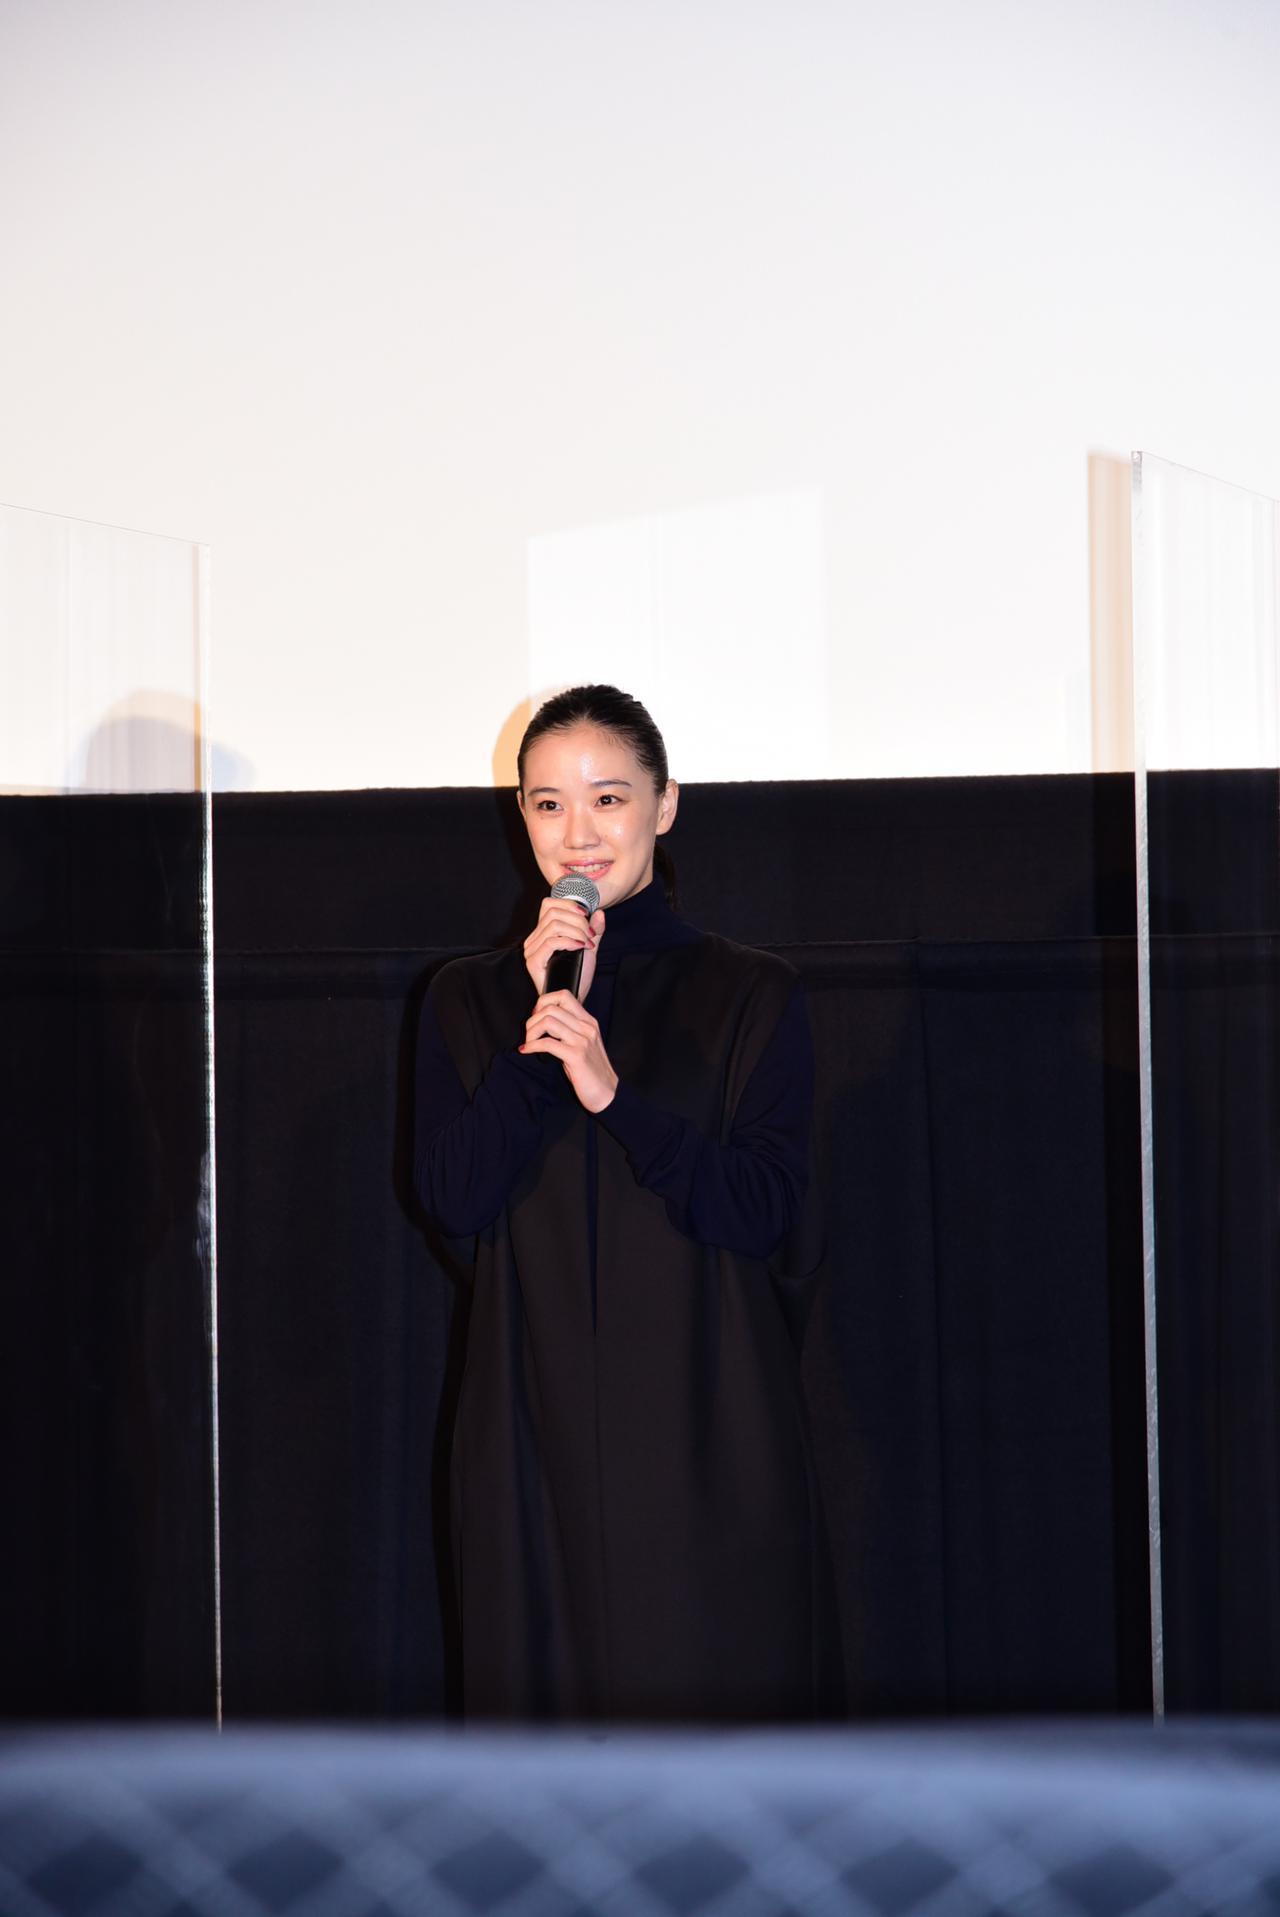 画像2: 「蒼井さんには華がある」「高橋さんは舌を巻くほど上手い!」黒沢監督が俳優陣を次々に大絶賛!『スパイの妻<劇場版>』舞台挨拶登壇レポート